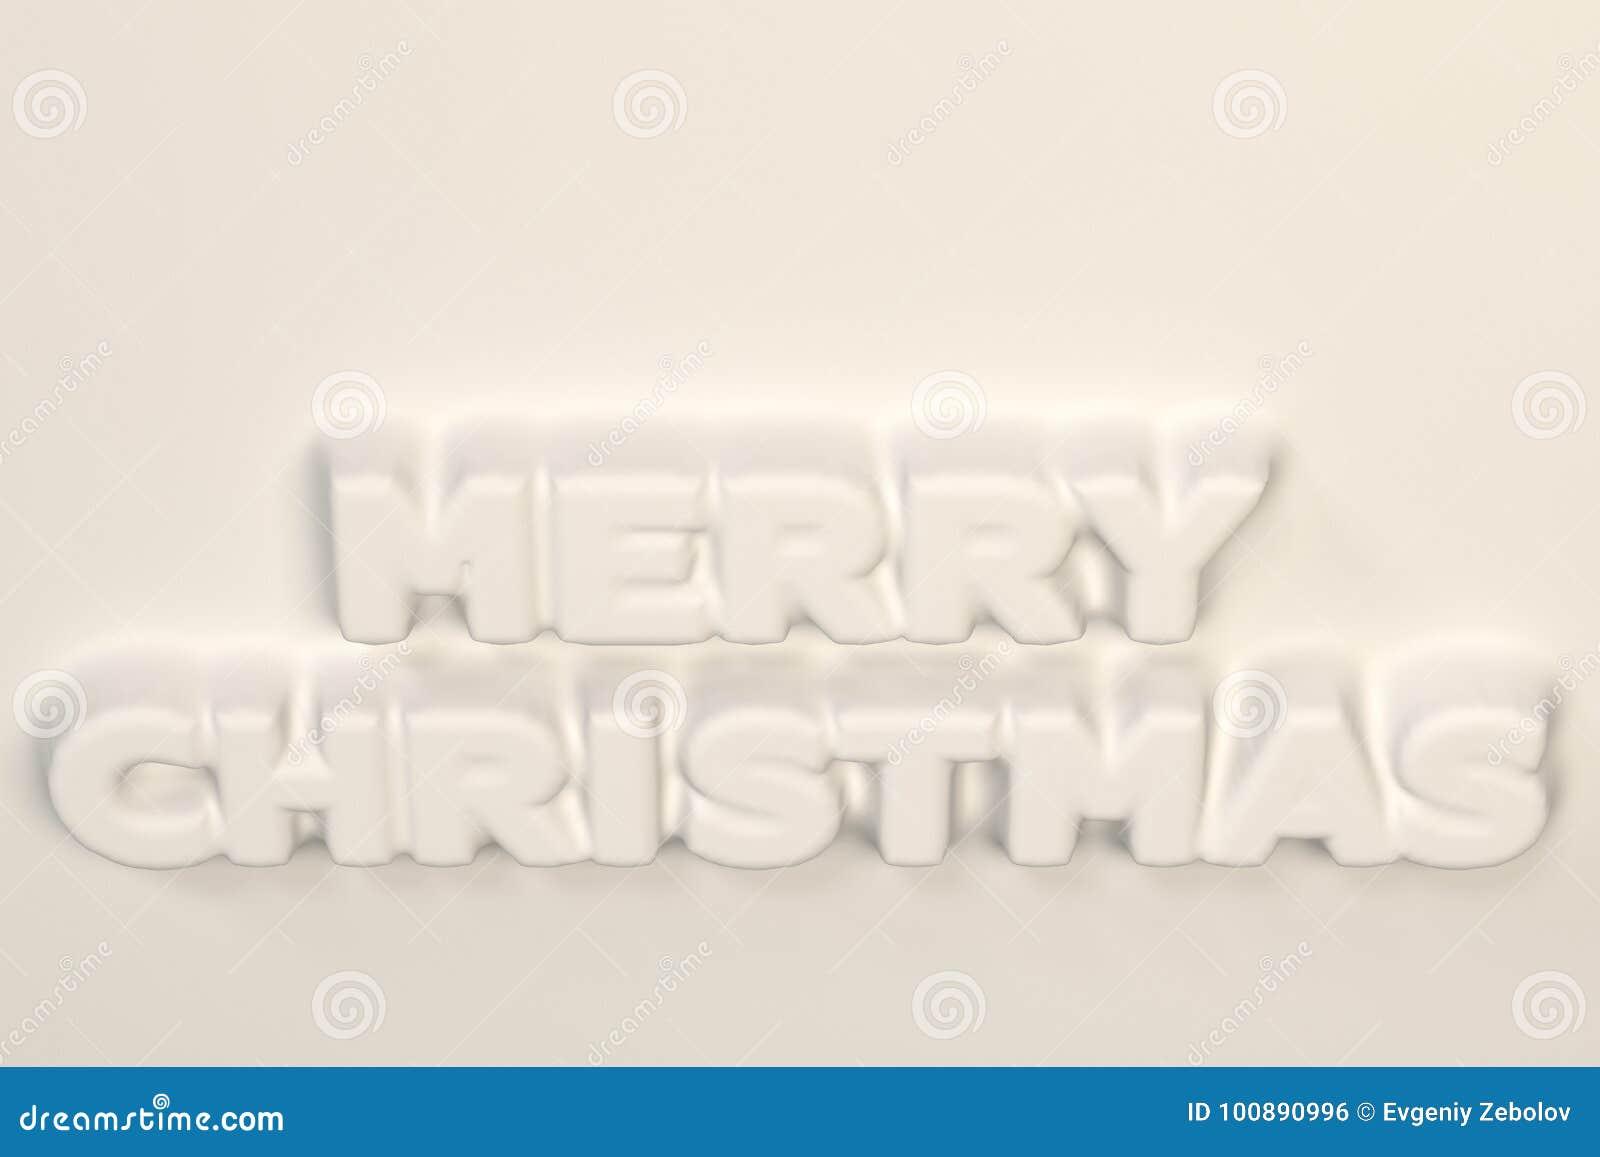 Parole Di Buon Natale.Bassorilievo Bianco Di Parole Di Buon Natale Illustrazione